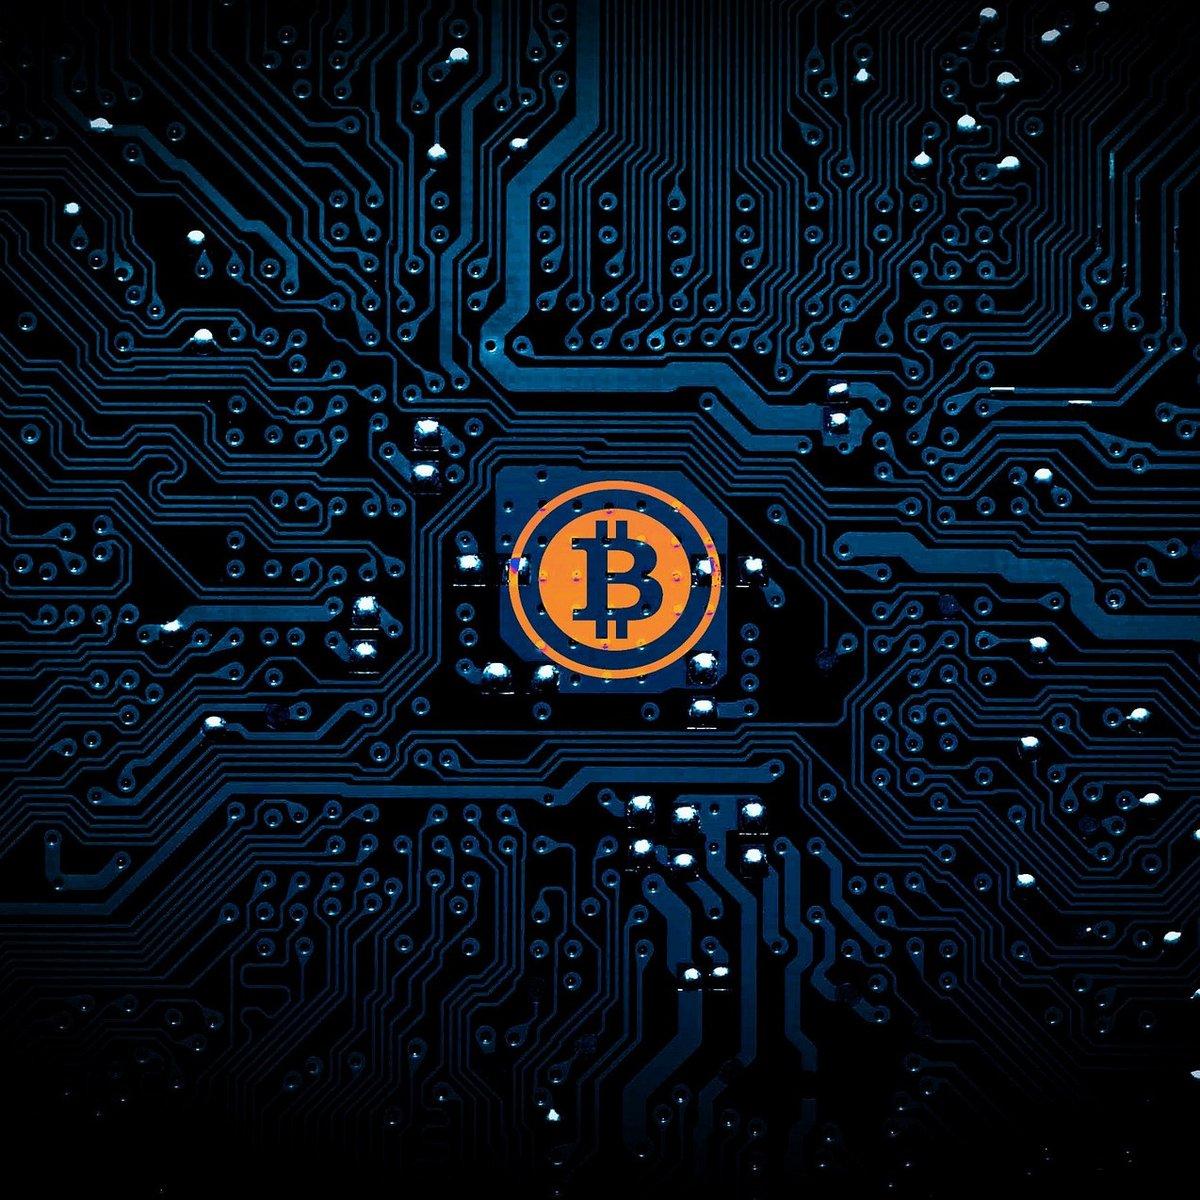 Cryptomonnaie pixabay_cropped_1282x1282_cropped_1274x1274